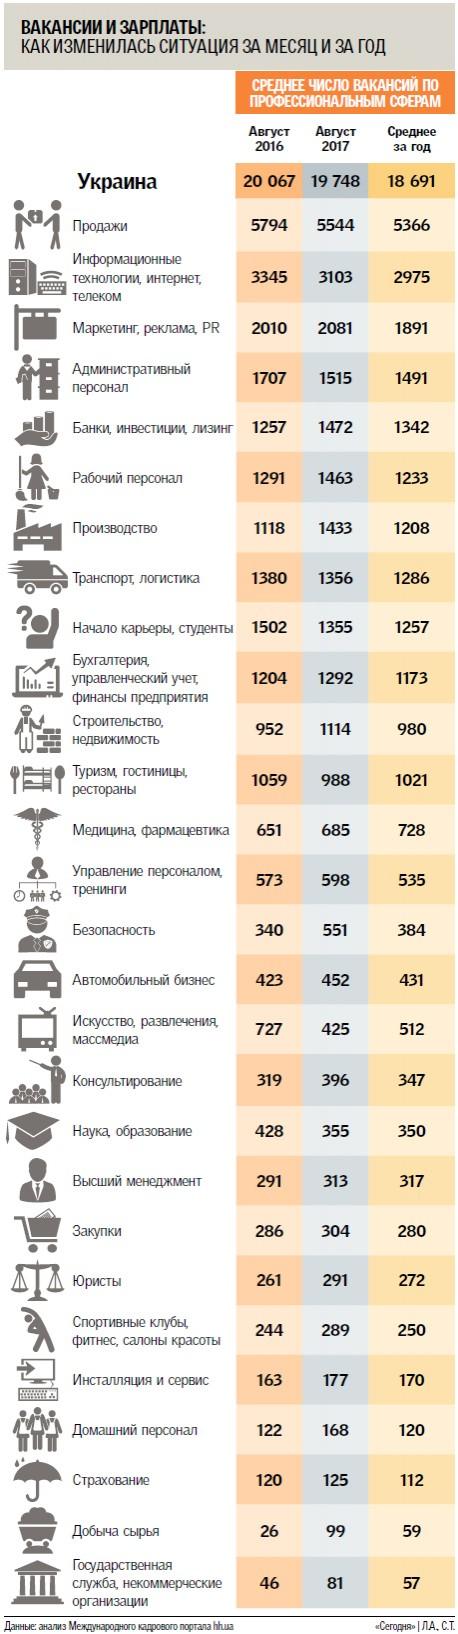 Вакансии и зарплаты в Украине